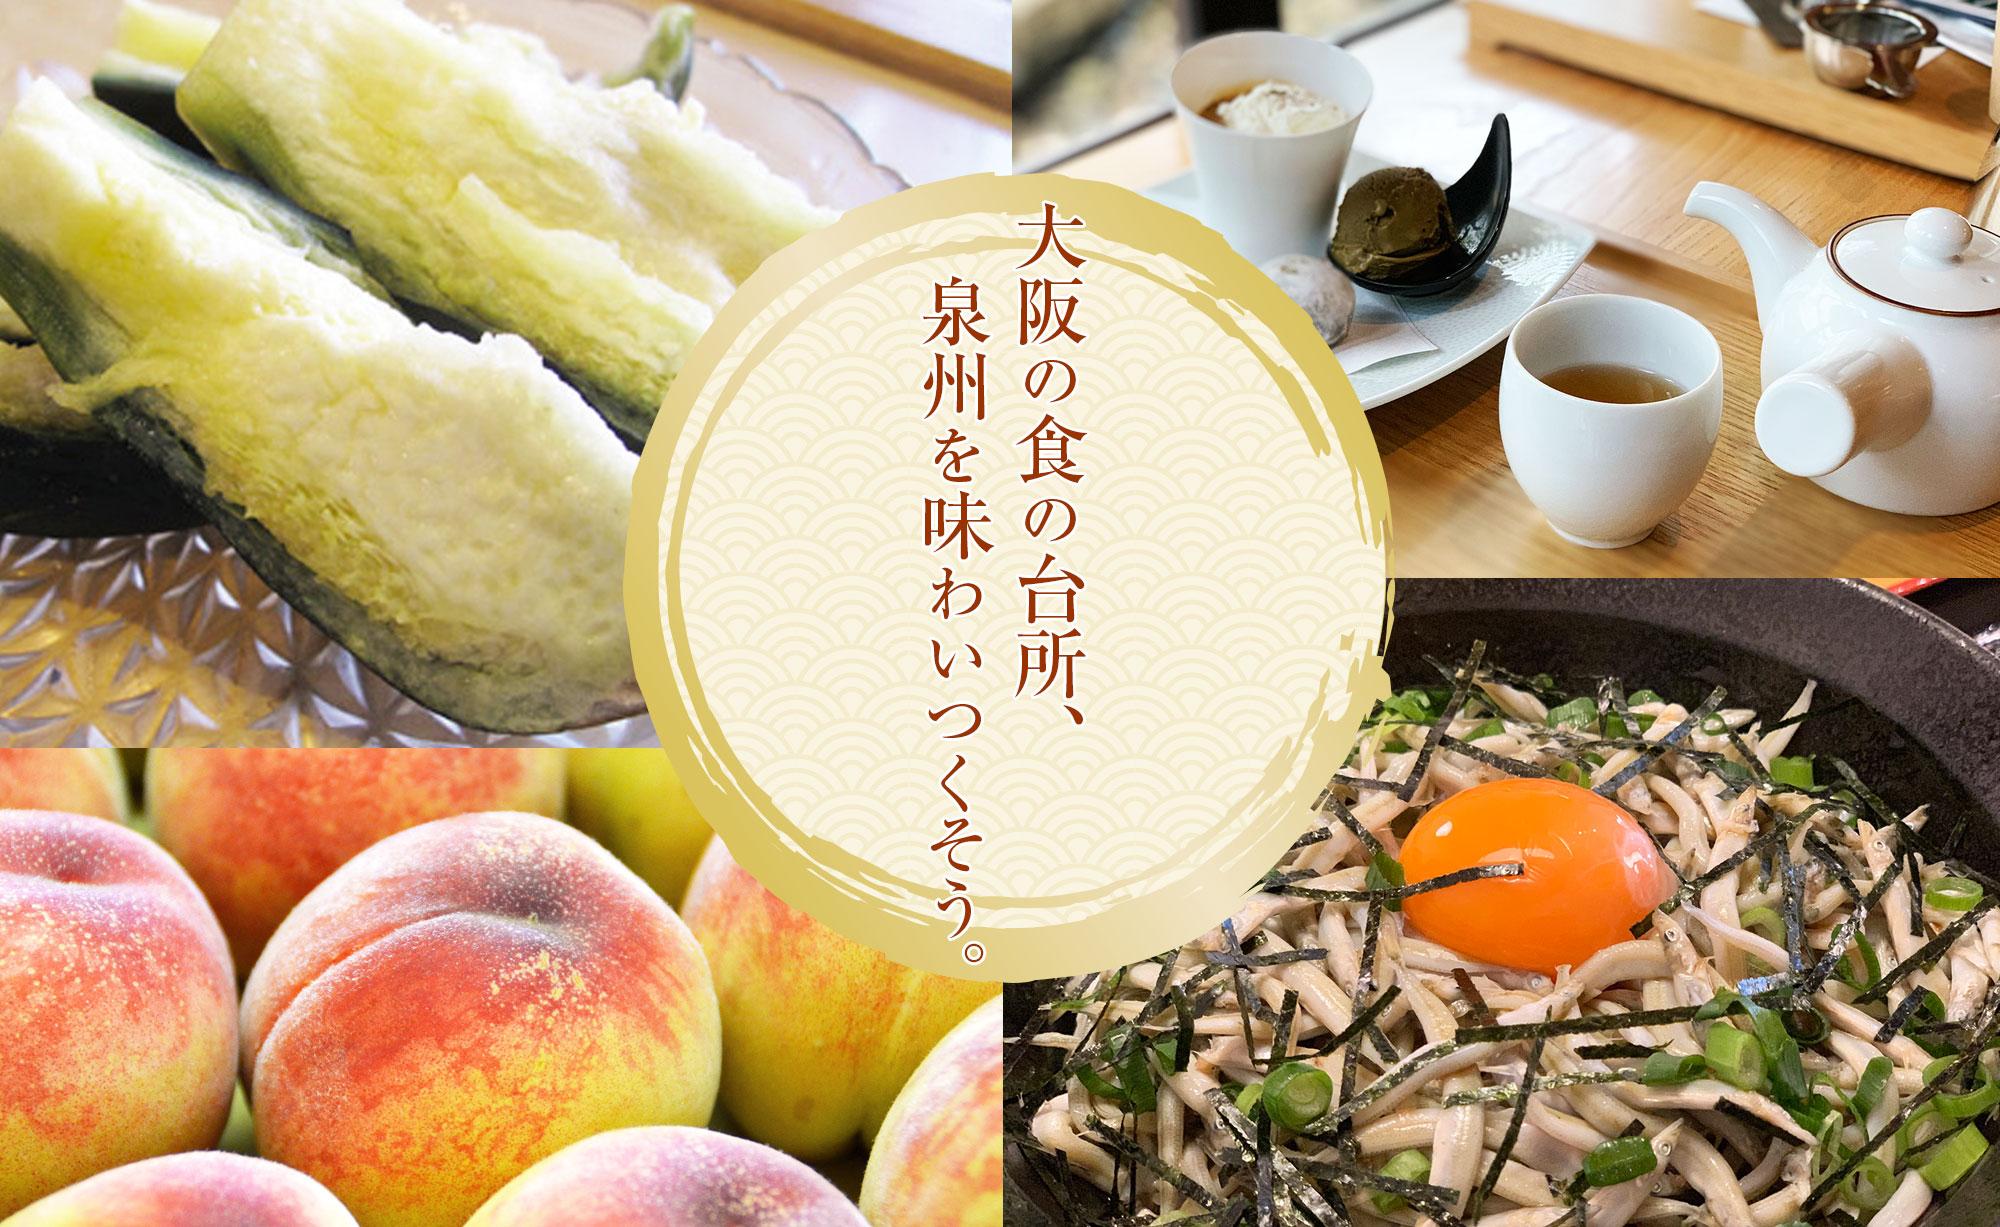 大阪の食の台所、泉州を味わいつくそう。